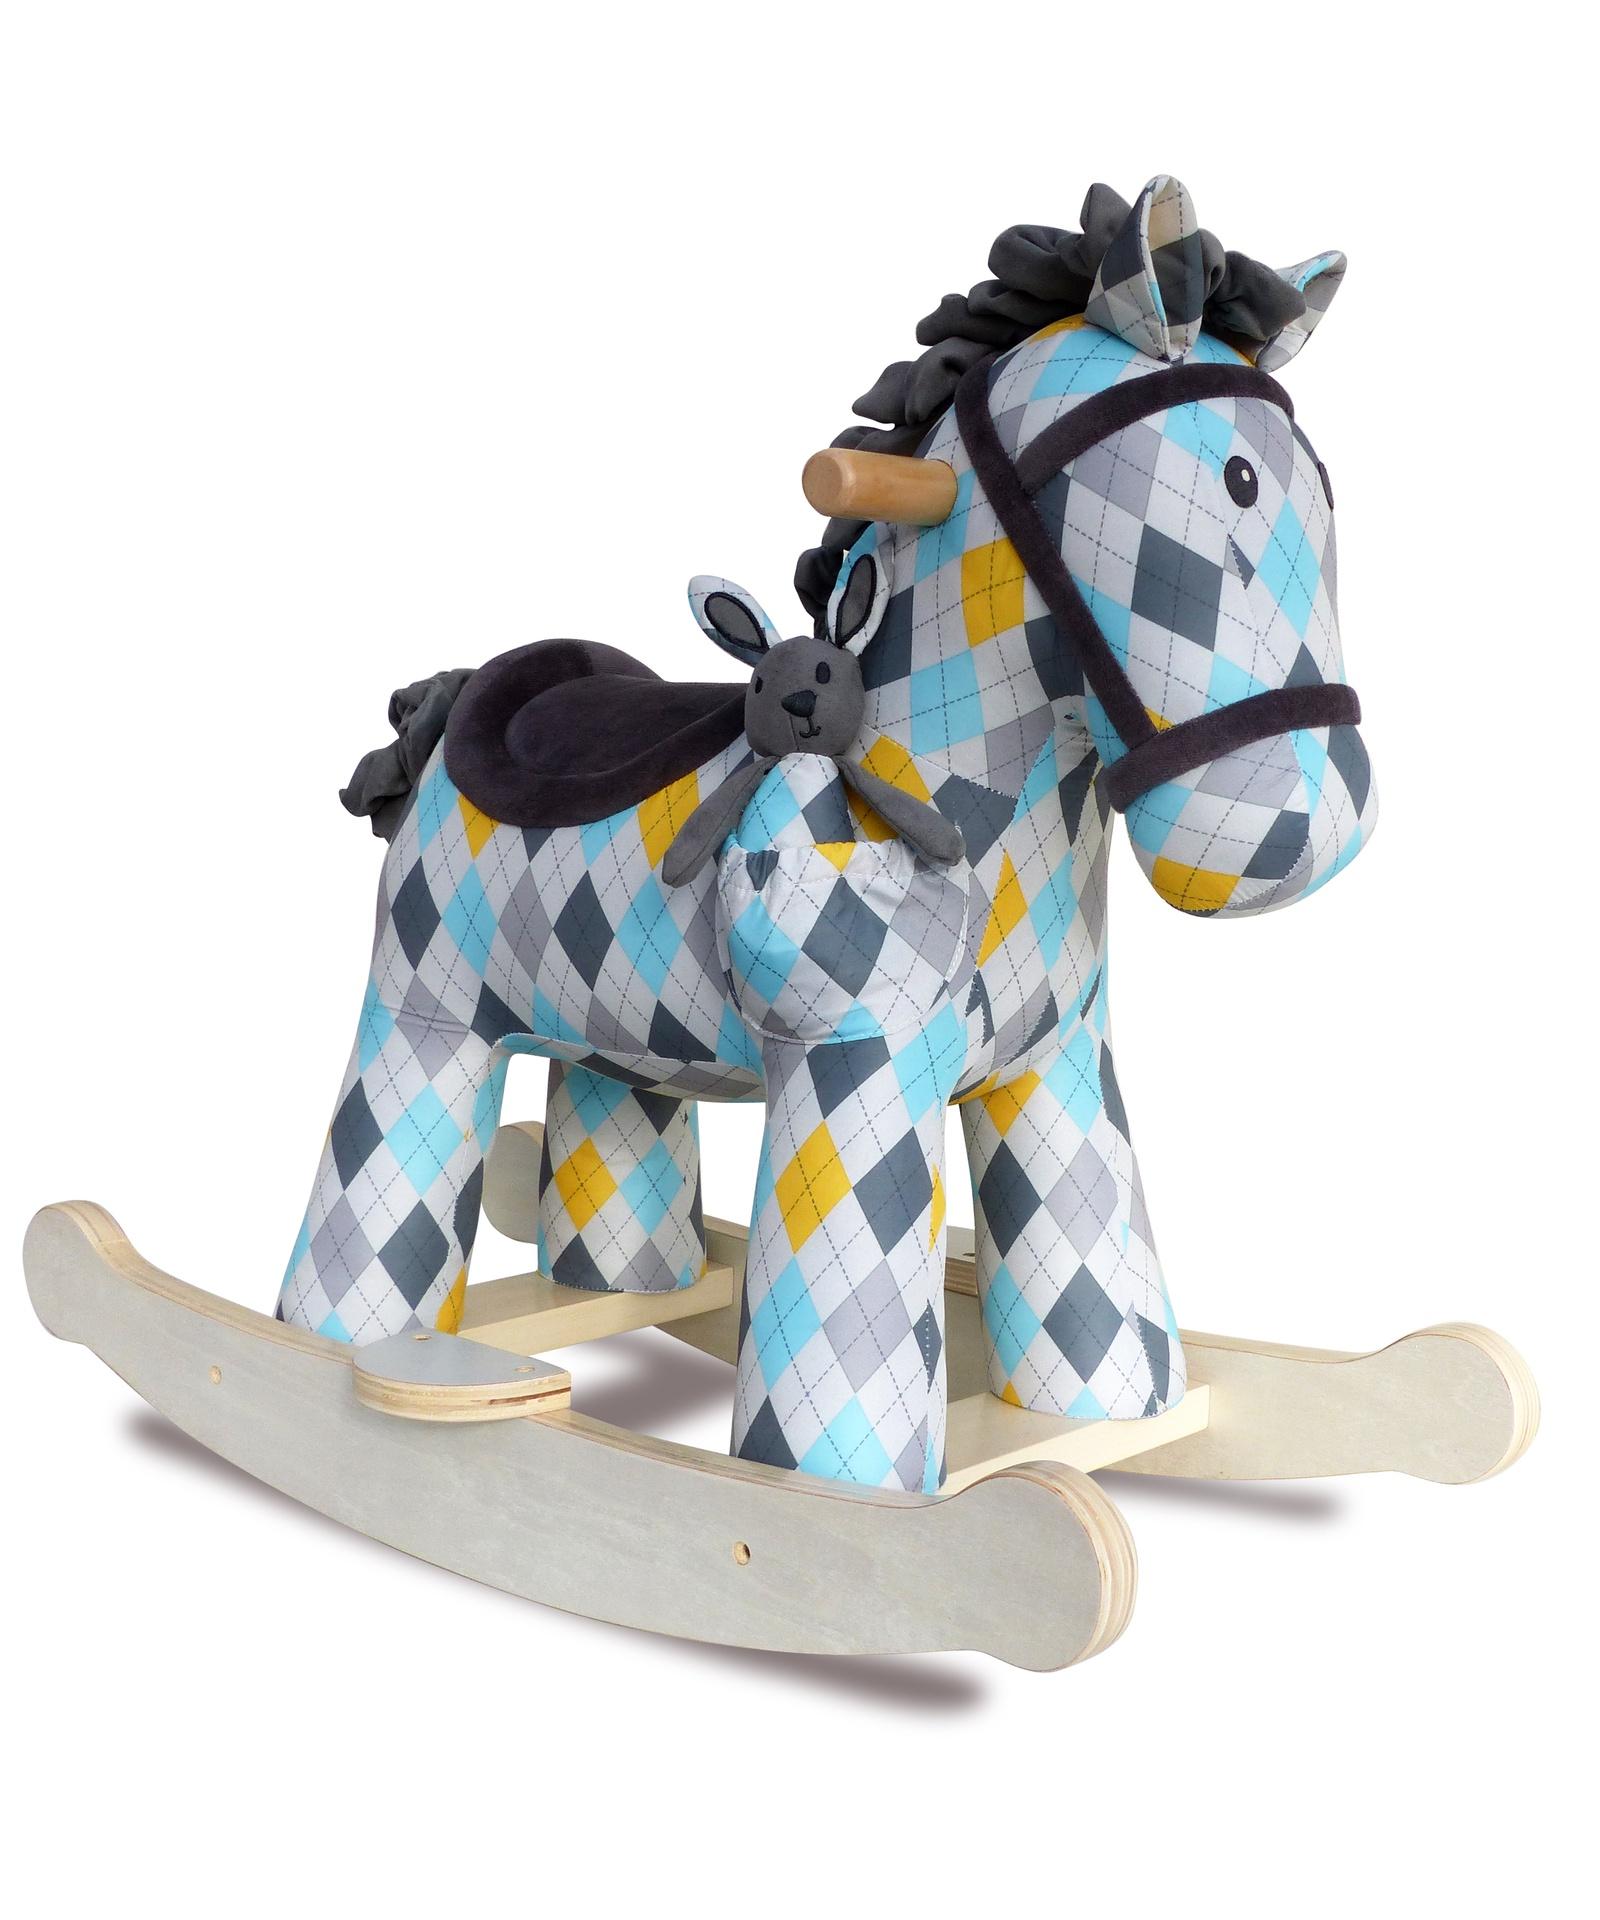 Качалка Little Bird Told Me лошадка детская LB3057 синий, желтый, белый цена и фото